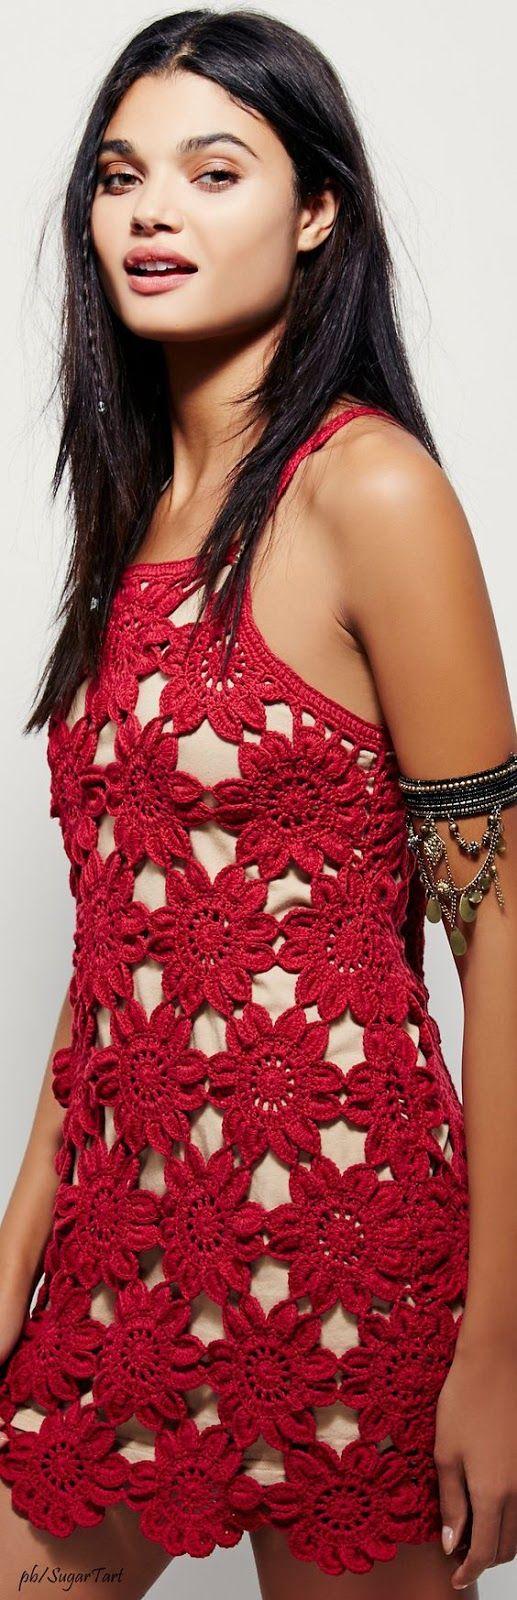 Crochetemoda: Vestido de Crochet                                                                                                                                                                                 Mais                                                                                                                                                                                 Mais